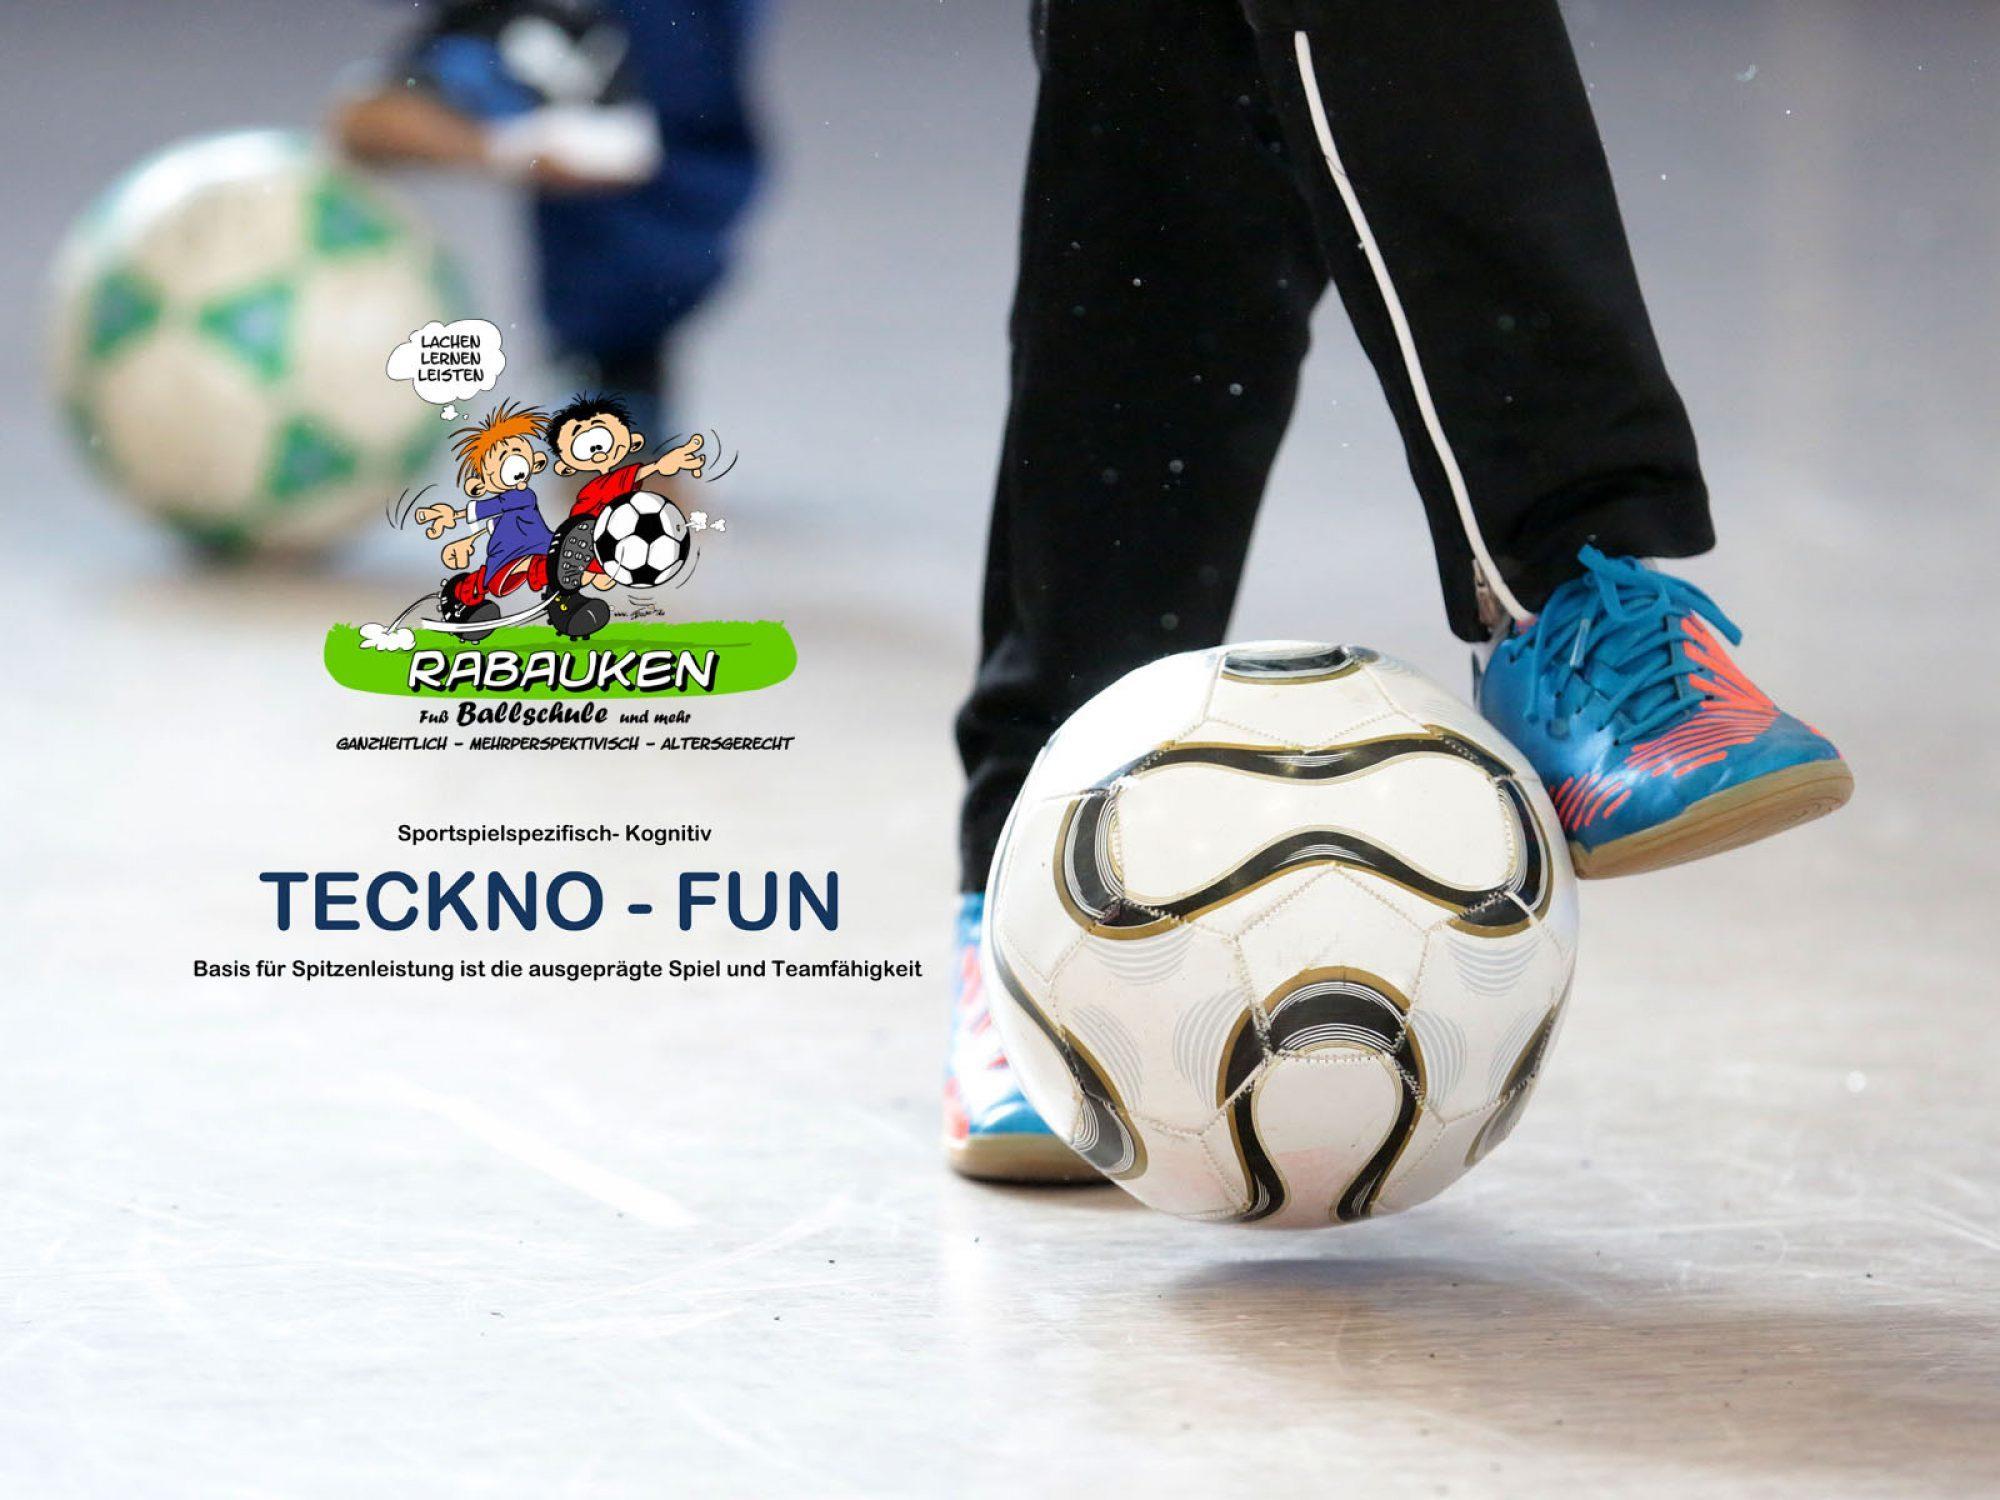 Teckno-Fun